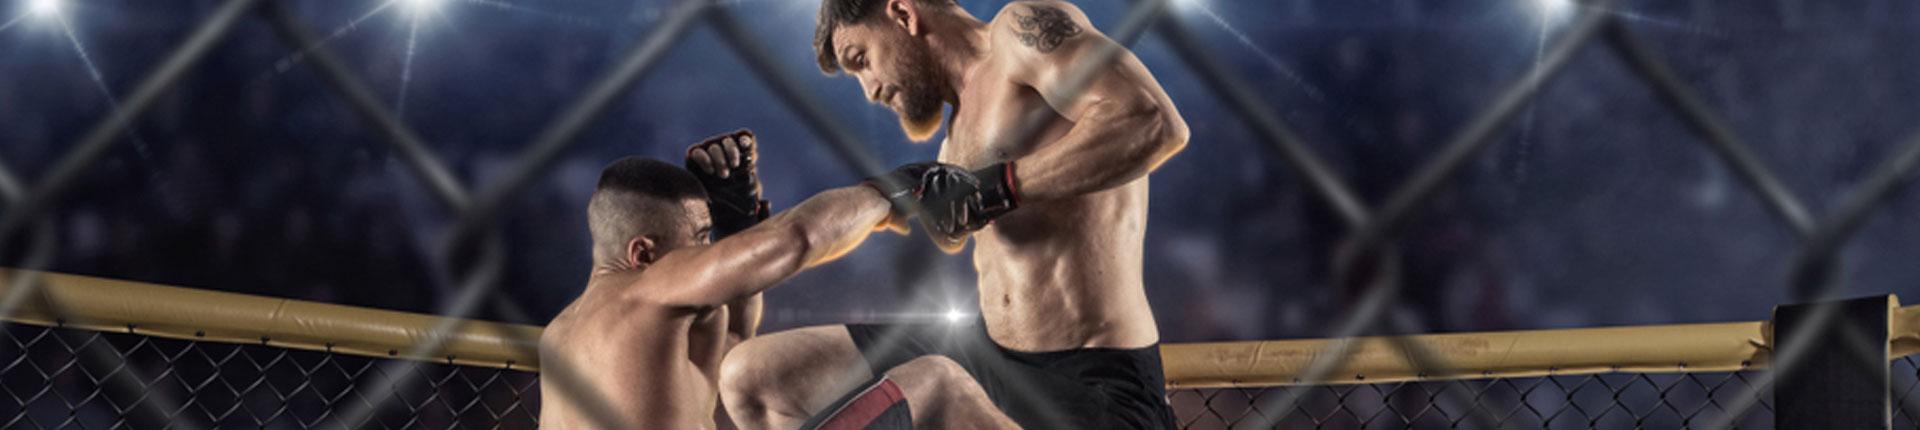 Wydatek energetyczny i suplementy w sportach walki